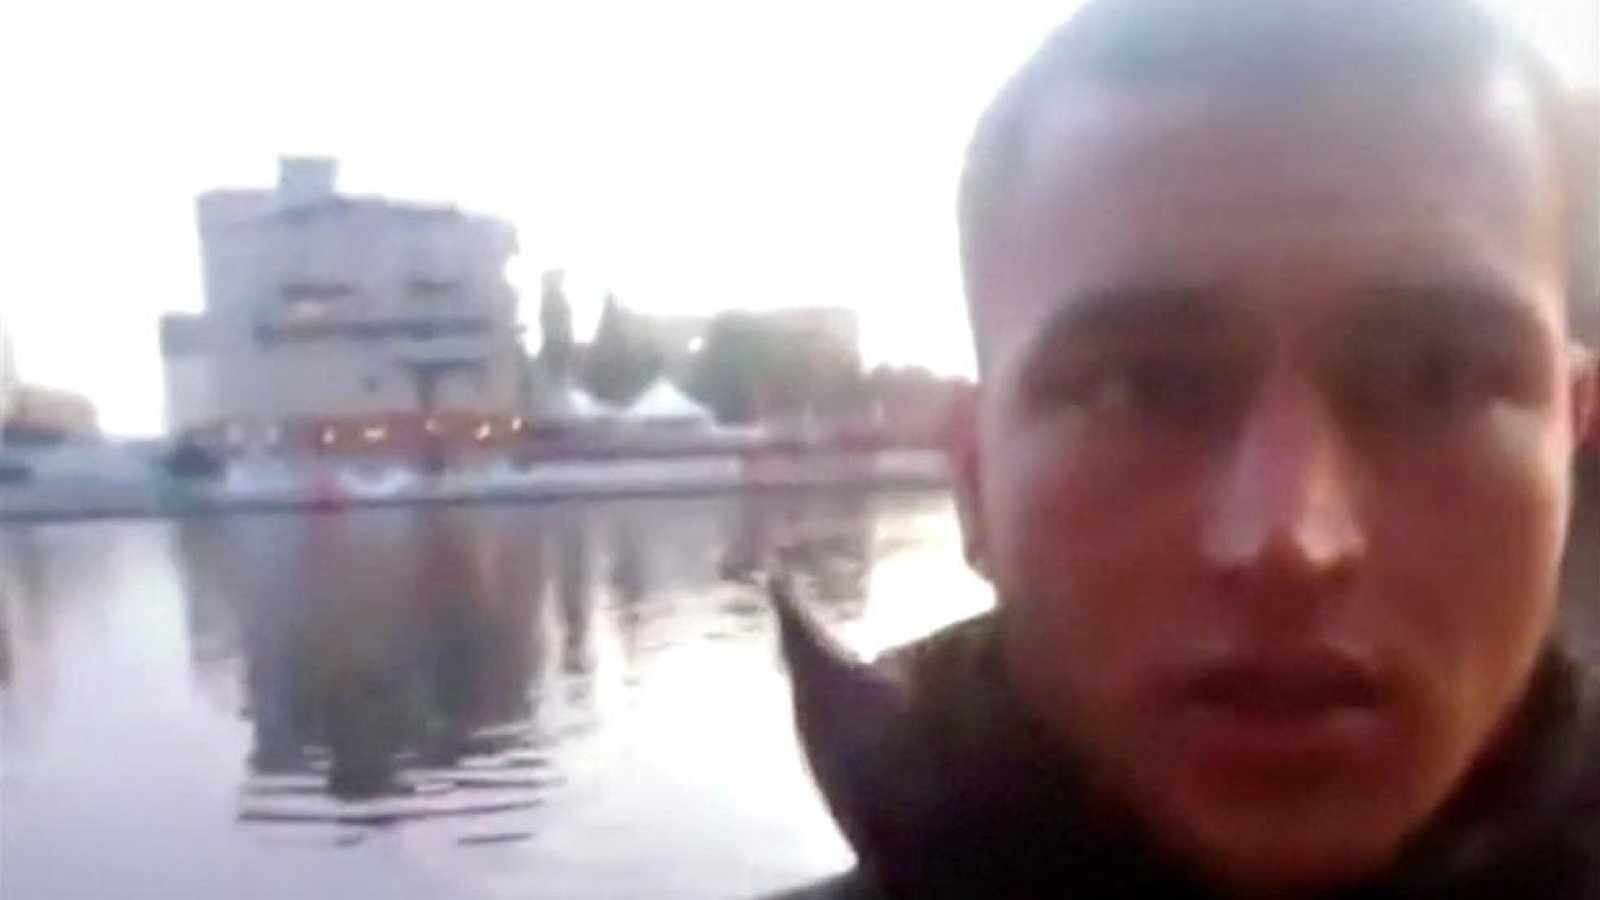 La Policía alemana confirma que Anis Amri es el terrorista que iba en la cabina del camión del atentado de Berlín